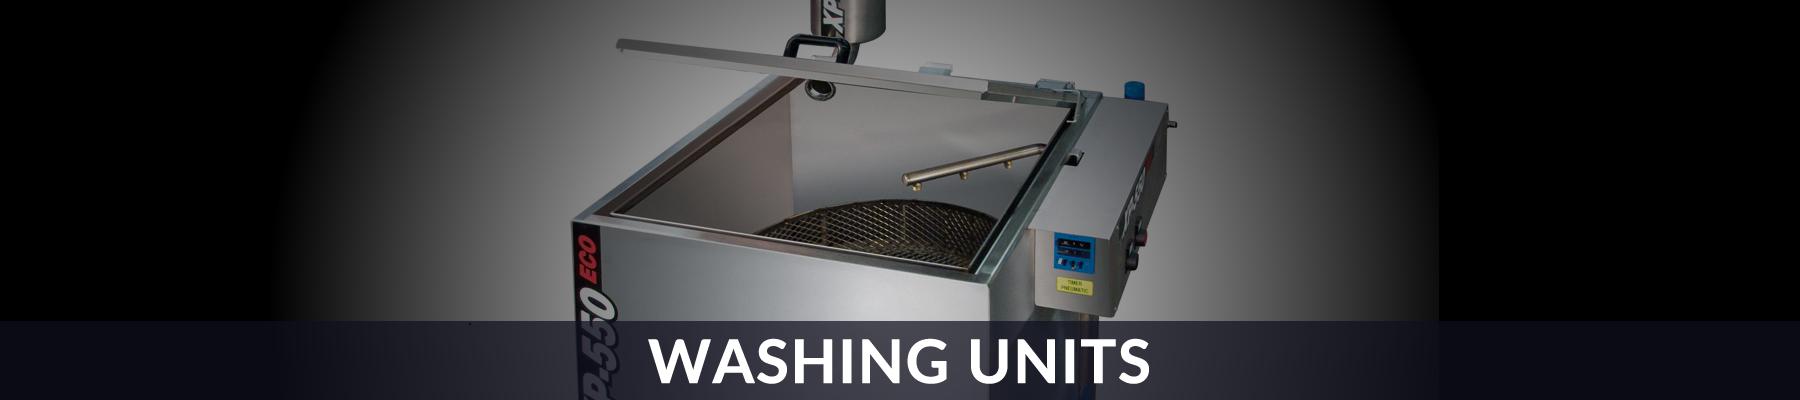 Washing Units